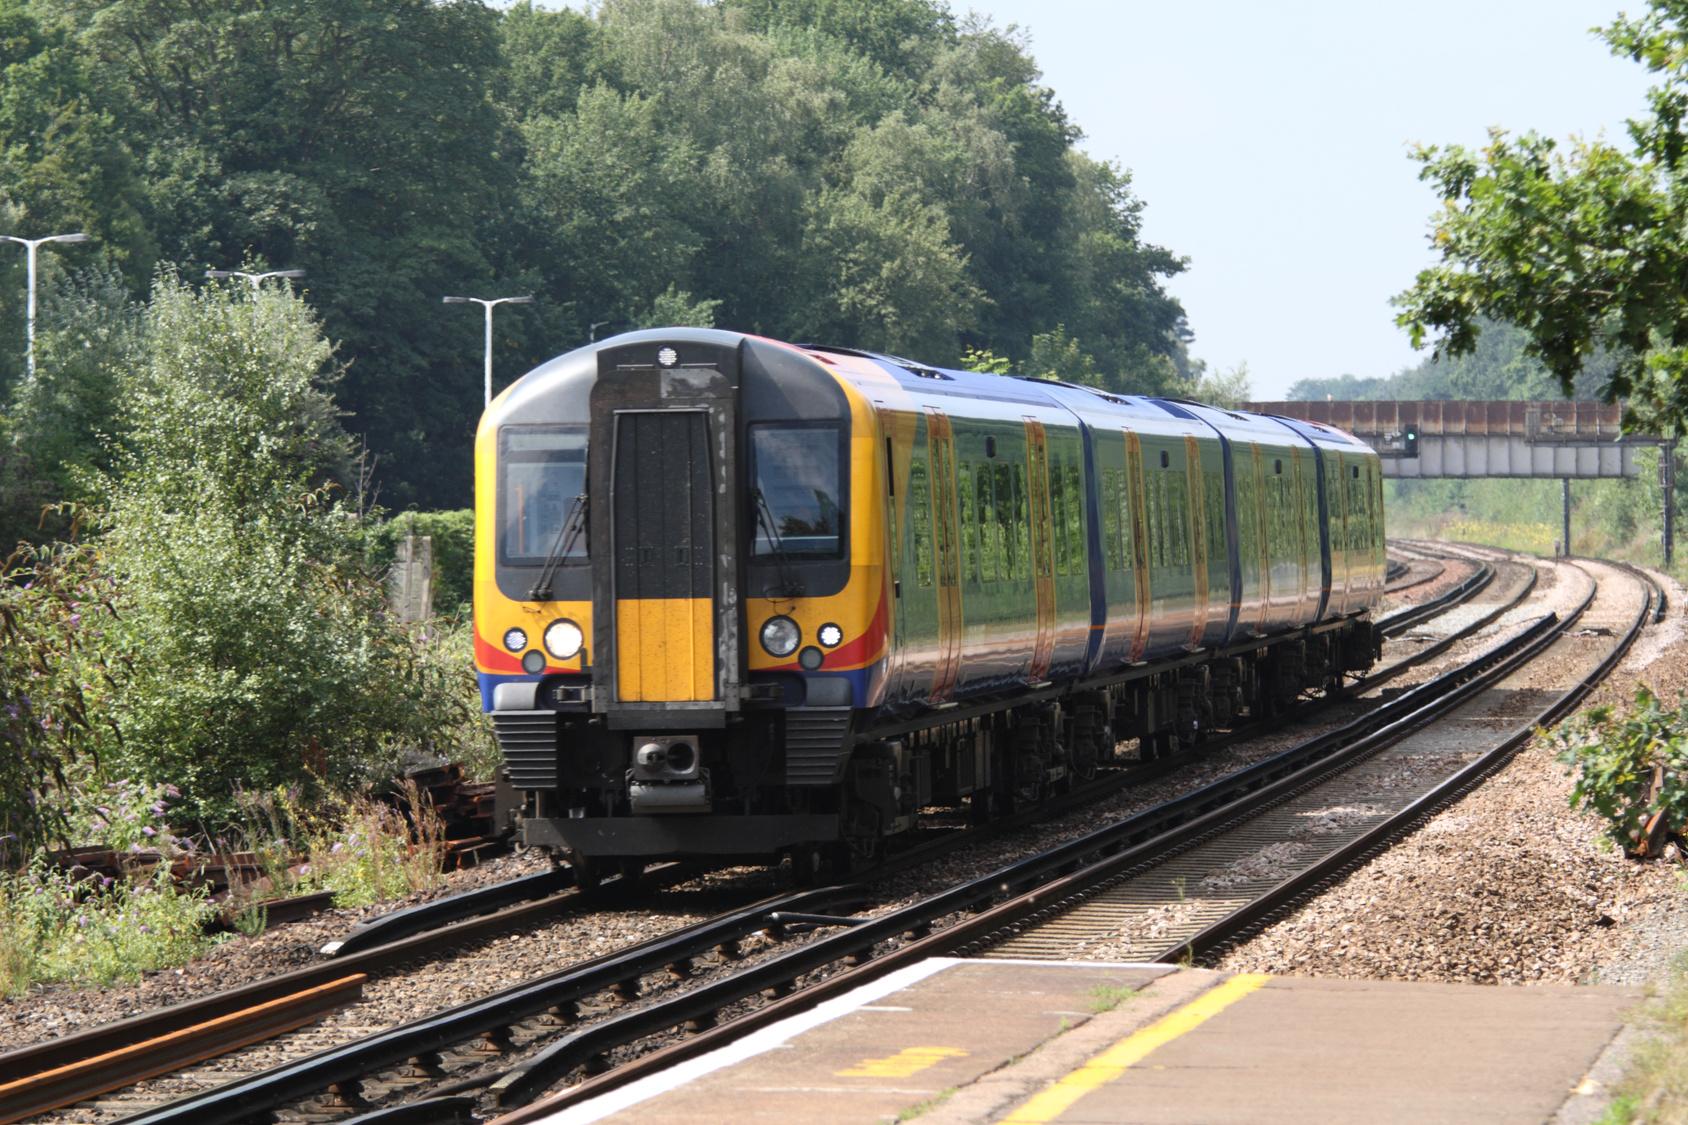 by reducing rail fares, train companies can gain back their customer's trust